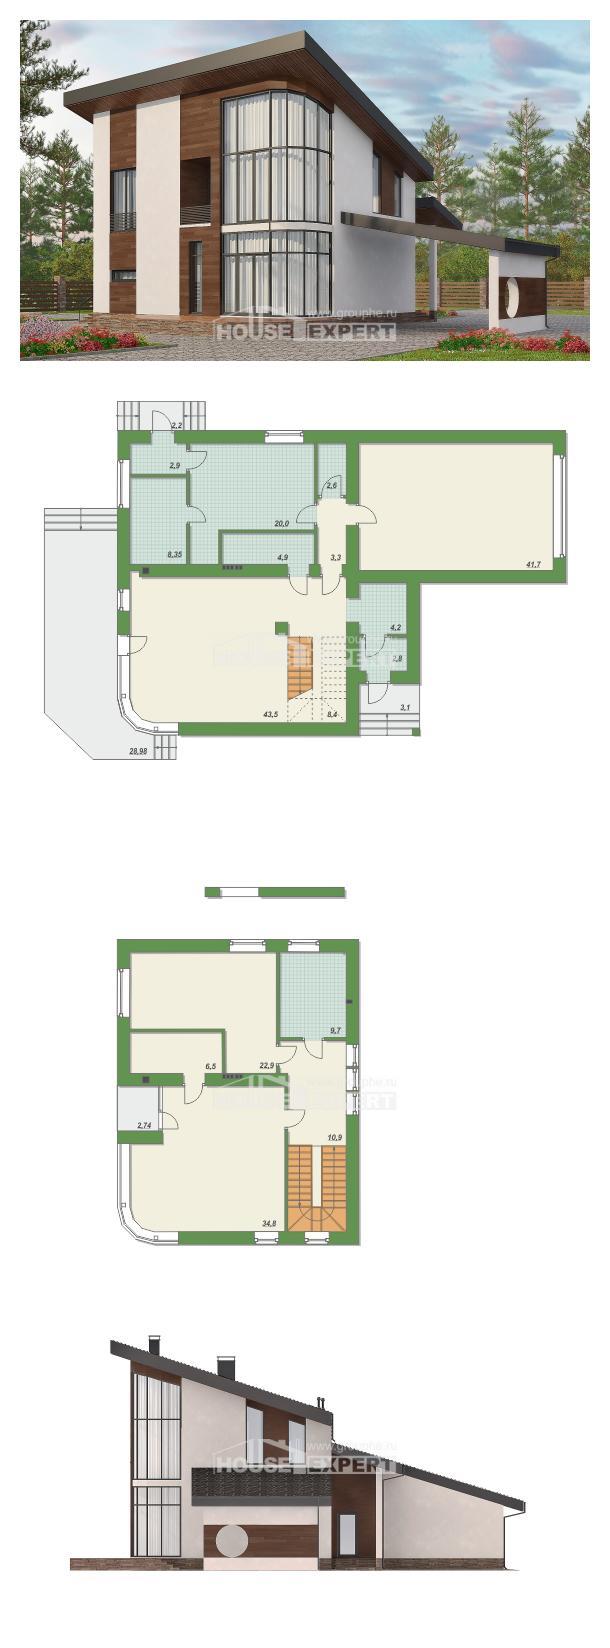 خطة البيت 230-001-R | House Expert